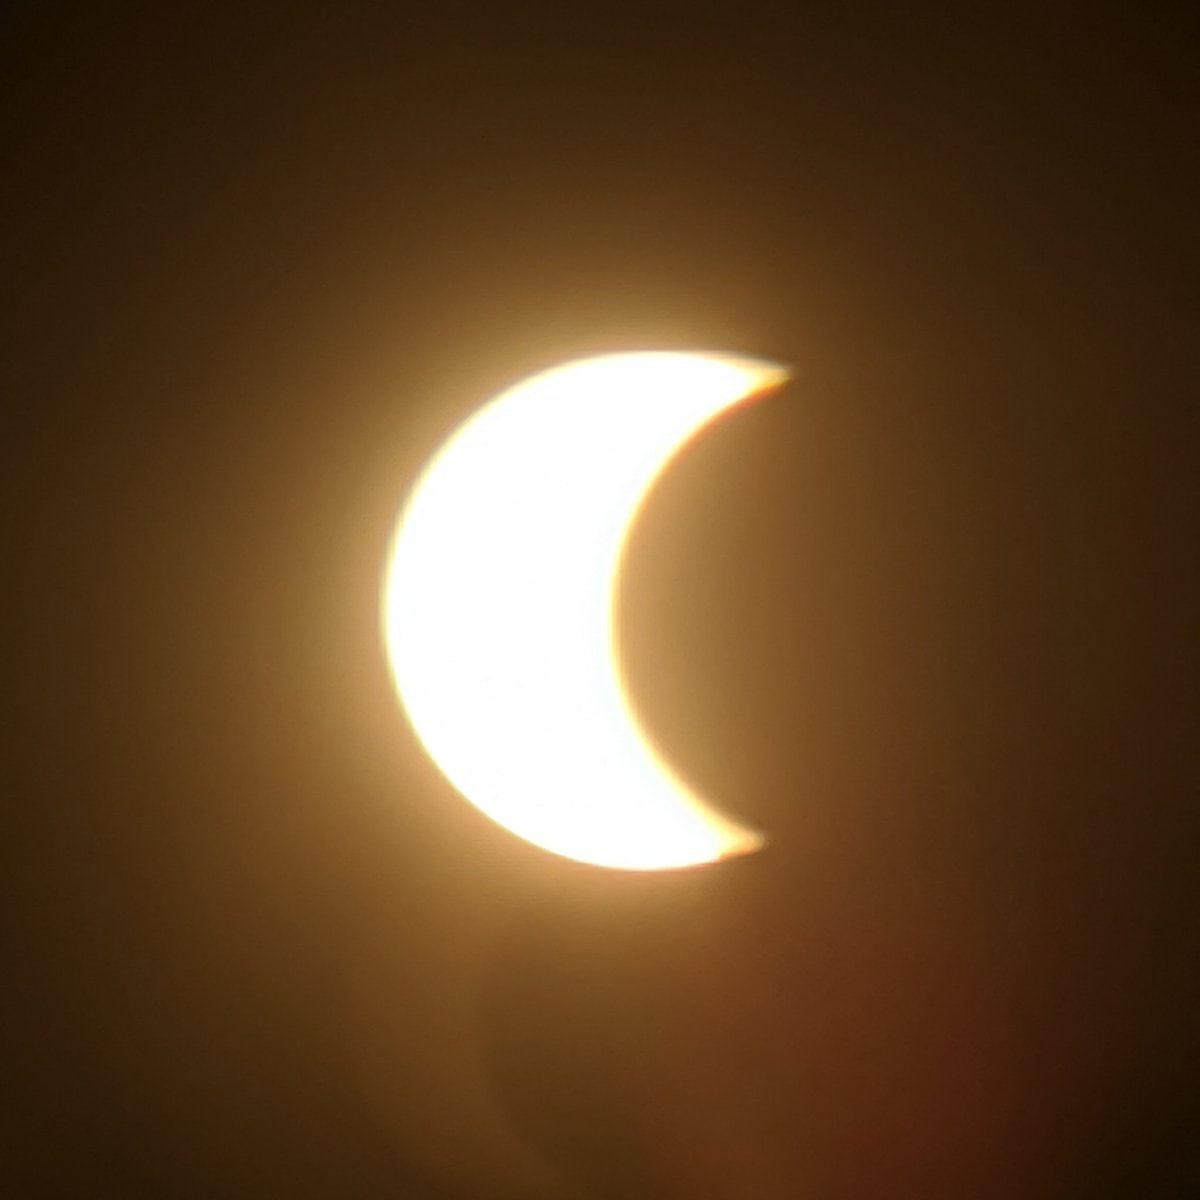 Солнечное затмение смогут наблюдать можгинцы сегодняОно станет